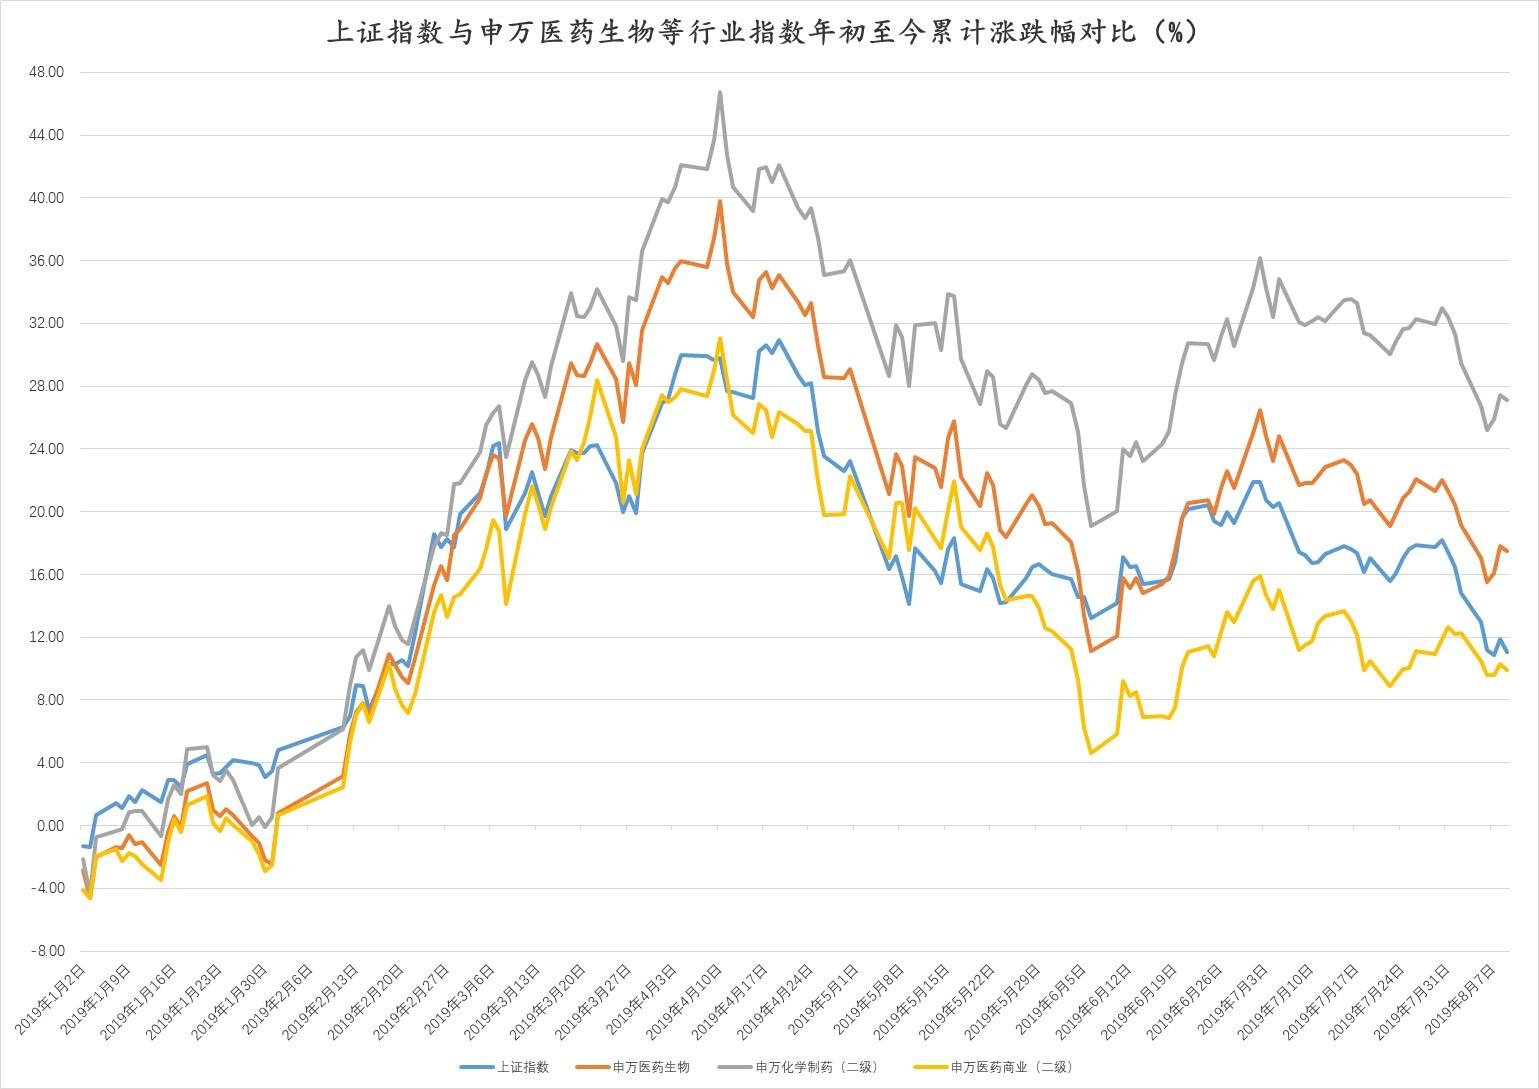 1. 年初至今大盘及行业指数走势对比.jpg